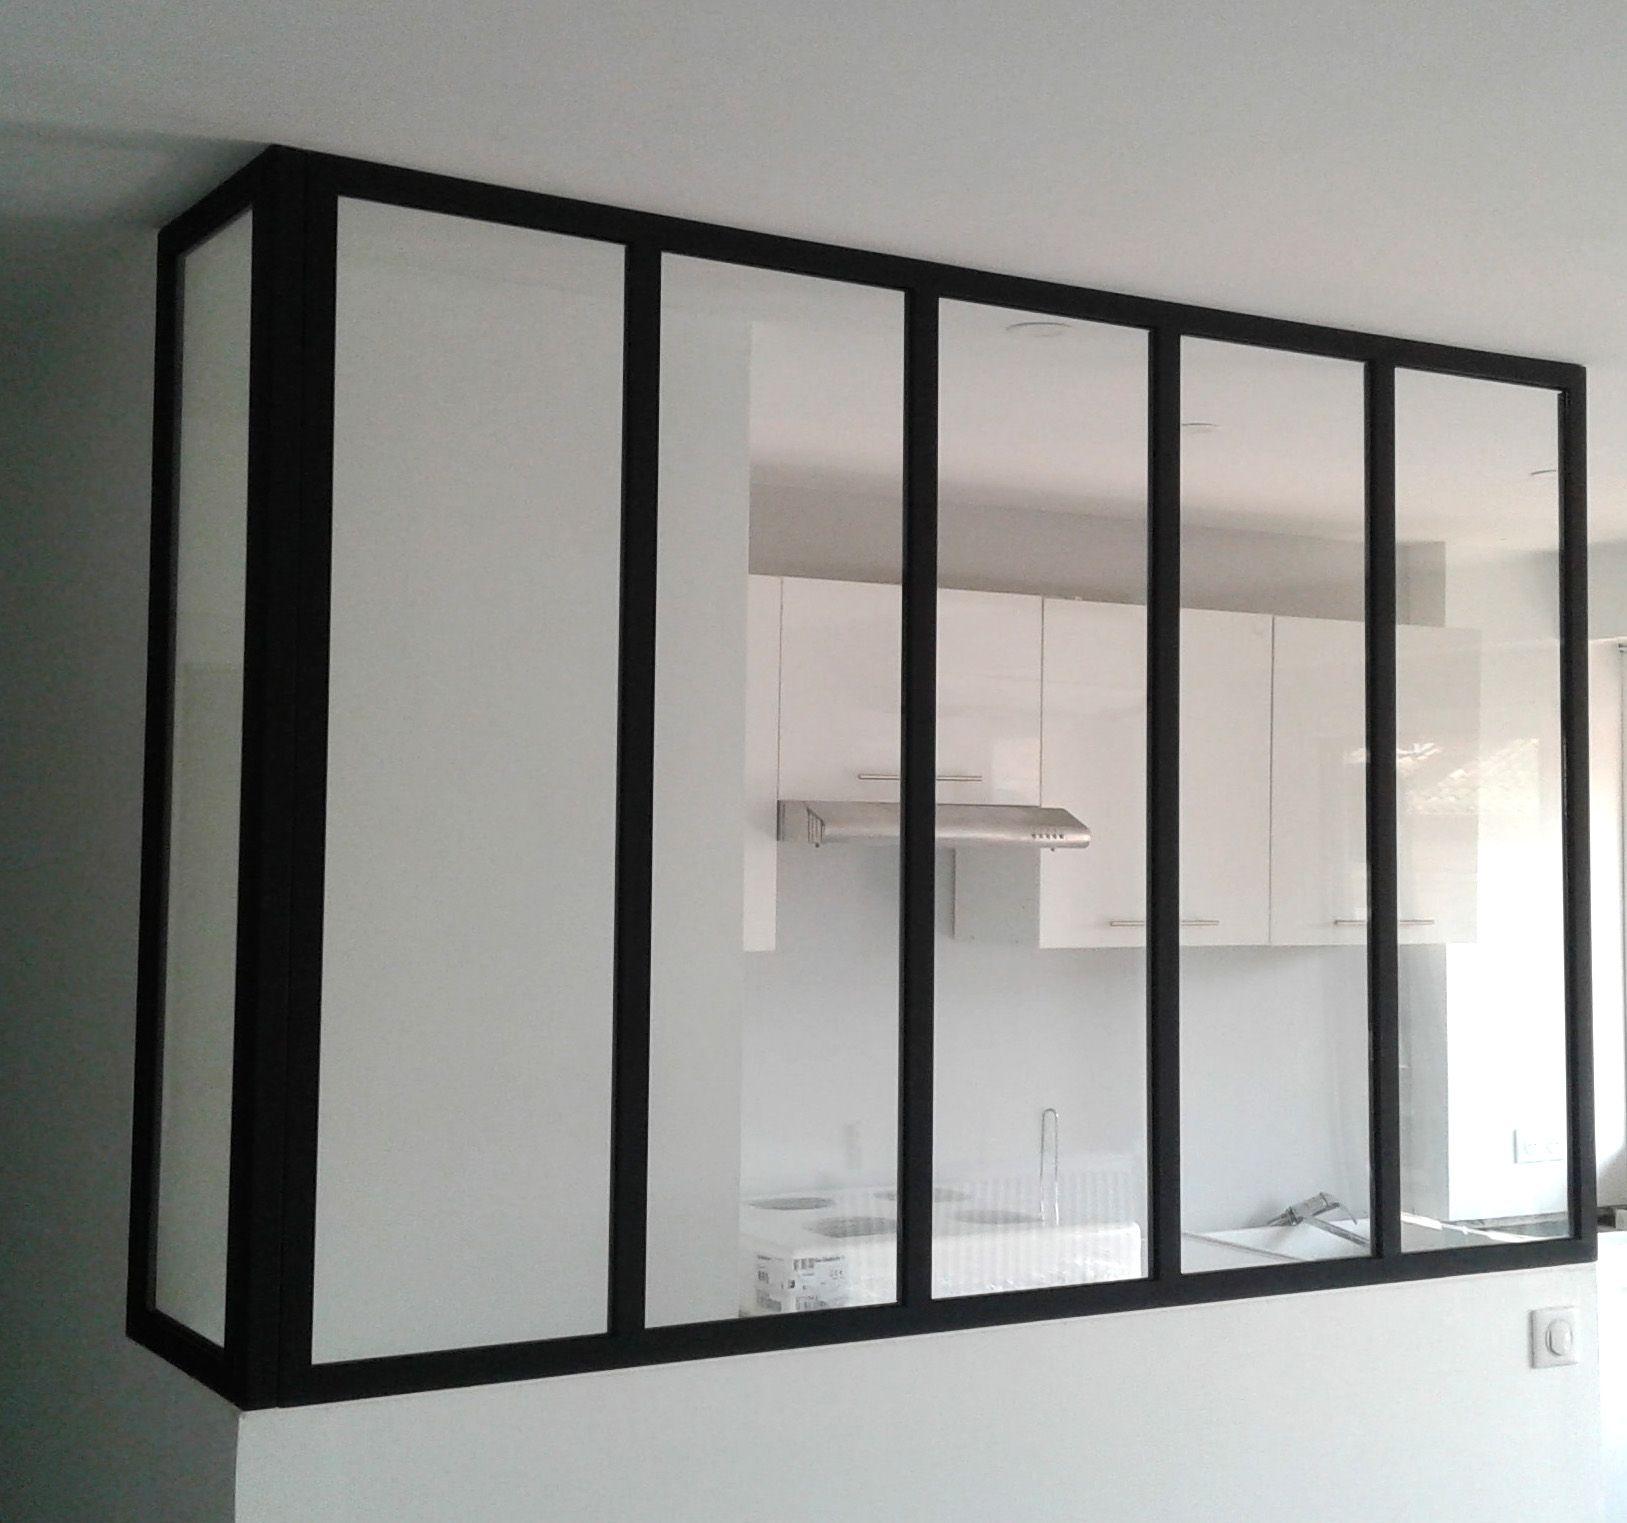 Verrière Du0027angle Entre Cuisine Et Salon. Couleur Noir RAL 9005 Mat Beau